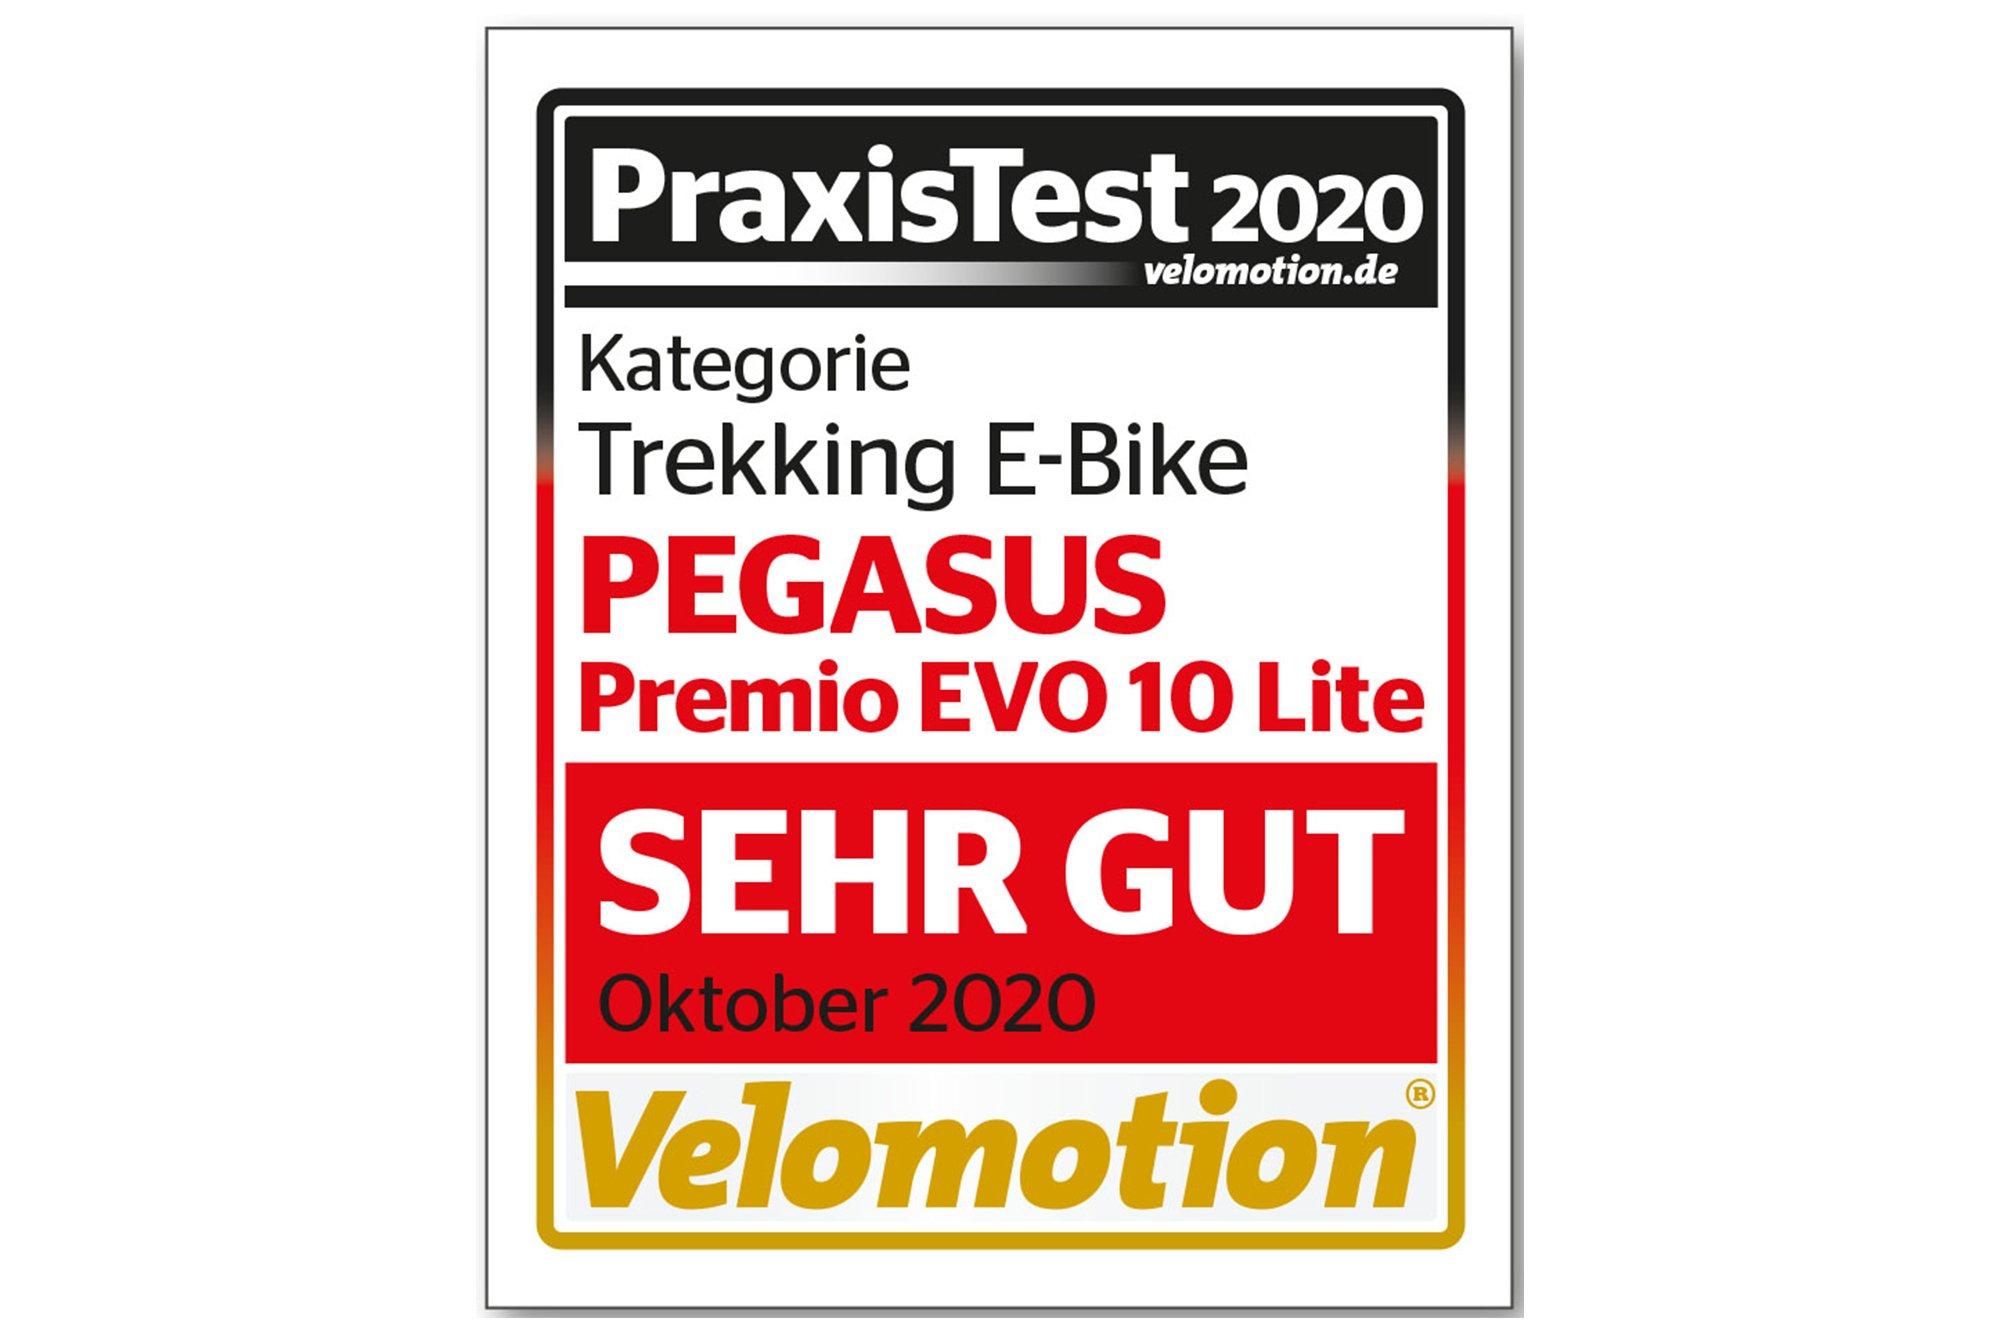 Pegasus Premio Evo 10 Lite (625 Wh), 10 Gang Kettenschaltung, Herrenfahrrad, Diamant, Modell 2020, 28 Zoll